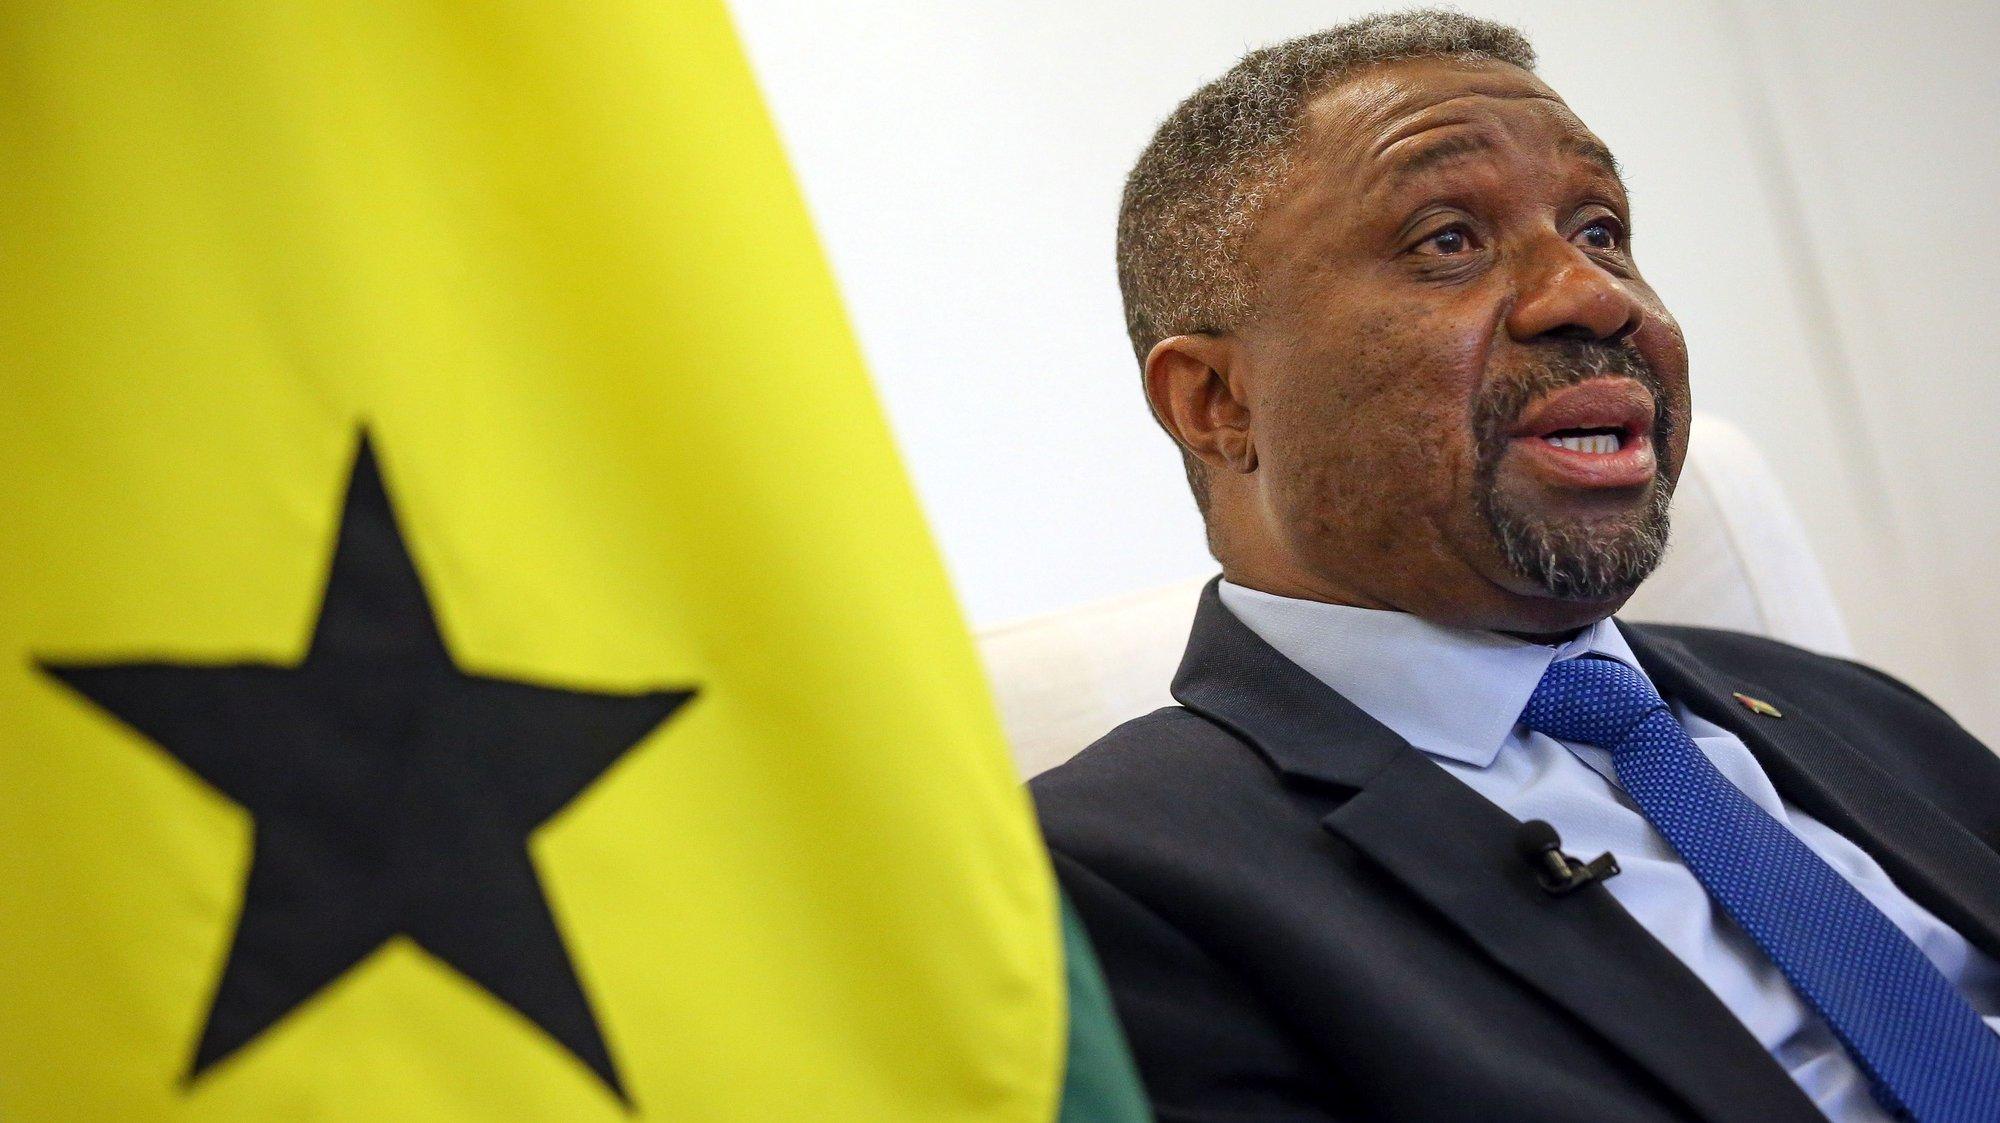 O primeiro-ministro de São Tomé e Príncipe, Jorge Bom Jesus, durante uma entrevista à Lusa. São Tomé, 09 de setembro de 2021.(ACOMPANHA TEXTO DO DIA 11 DE SETEMBRO 2021).   NUNO VEIGA/LUSA